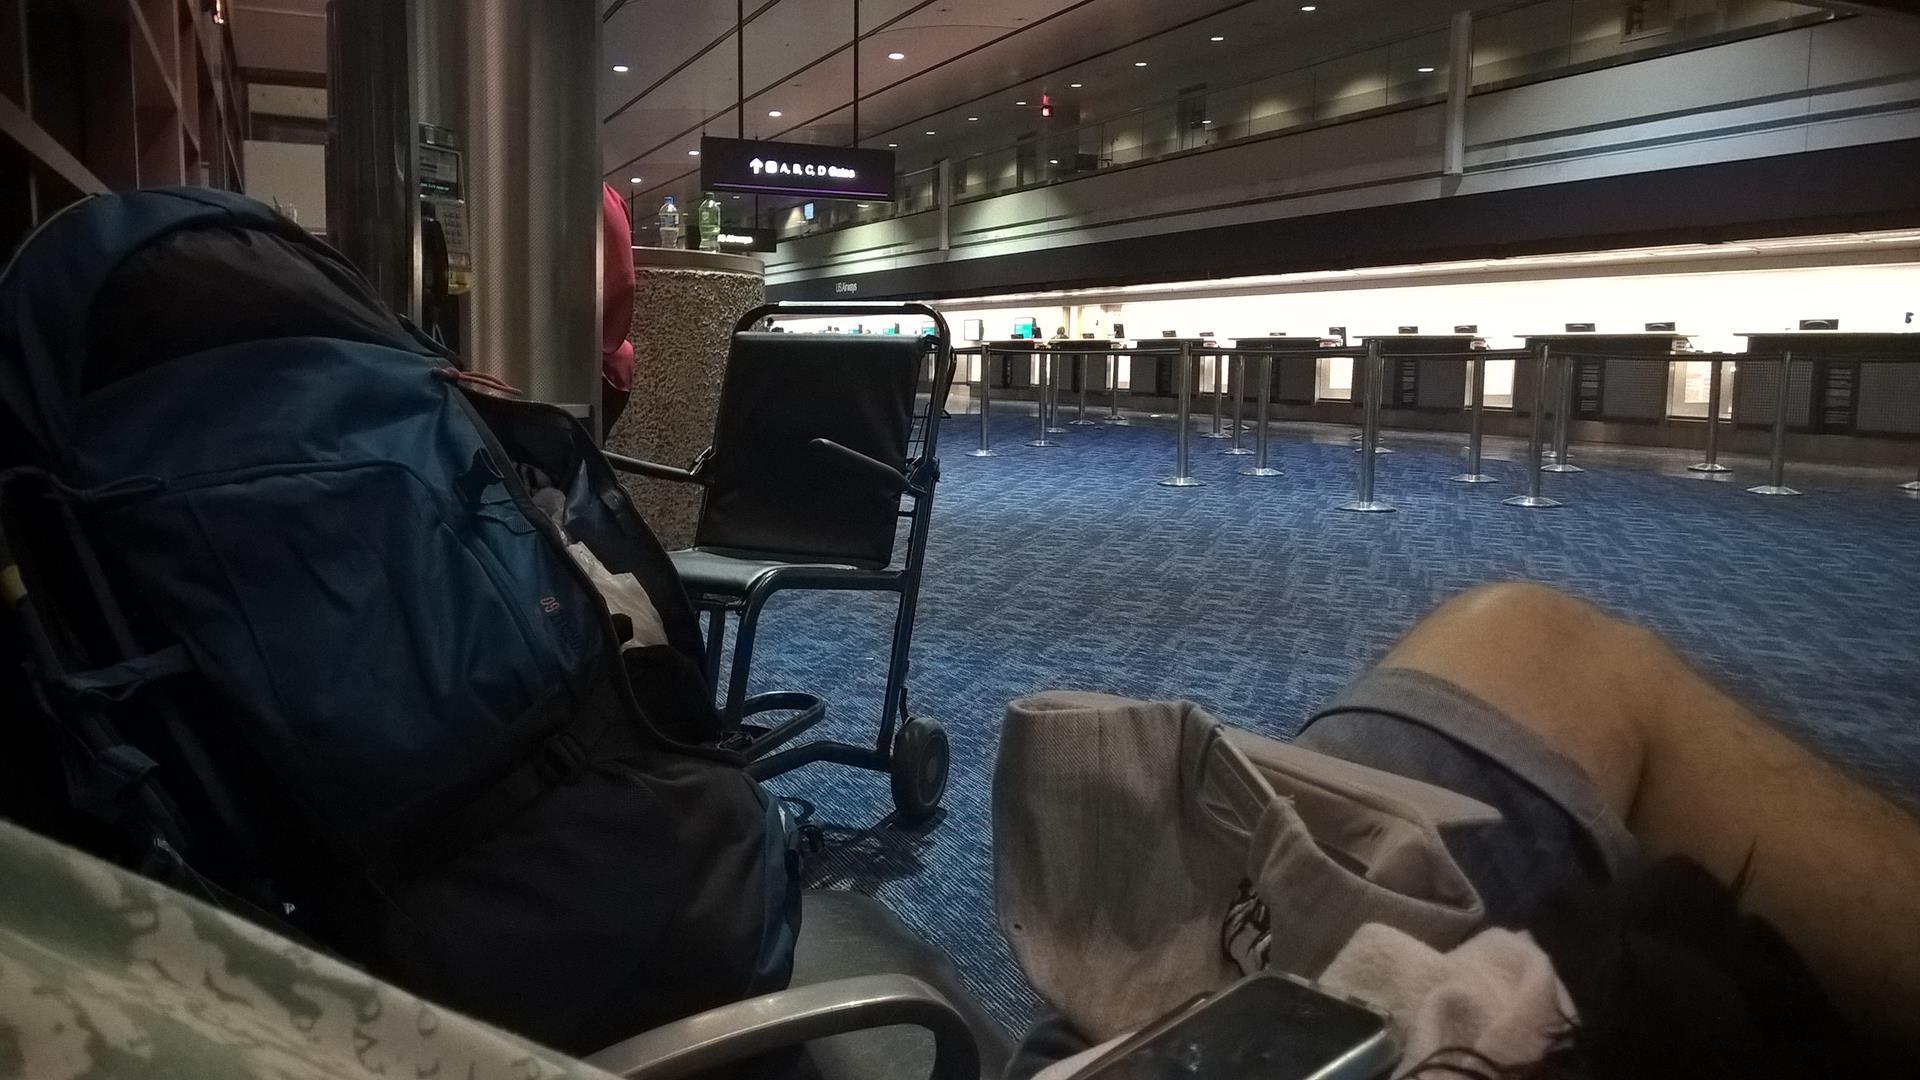 Am Flughafen wurde es dann nochmal recht stressig